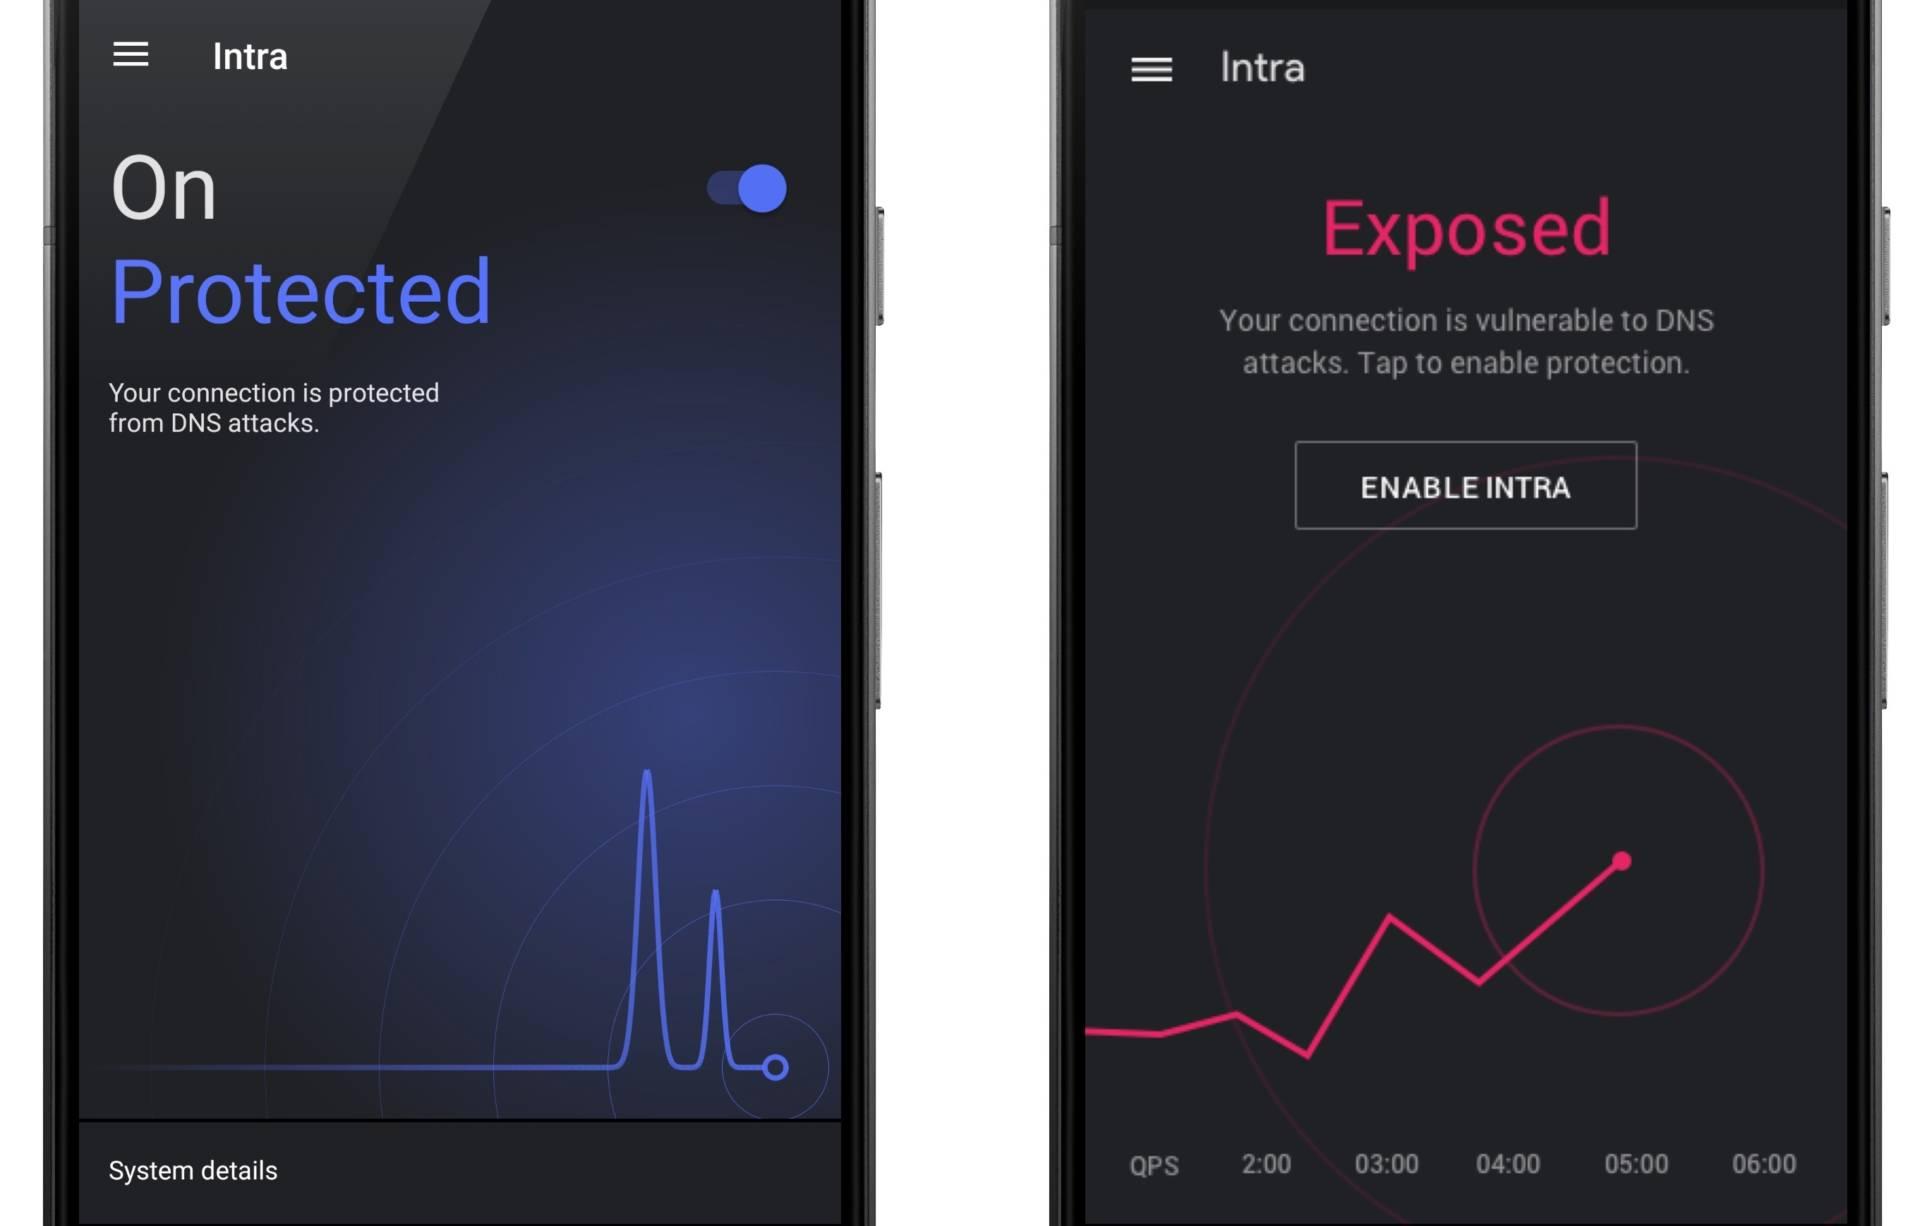 Google Jigsaw presenta Intra, l'app per evitare la censura